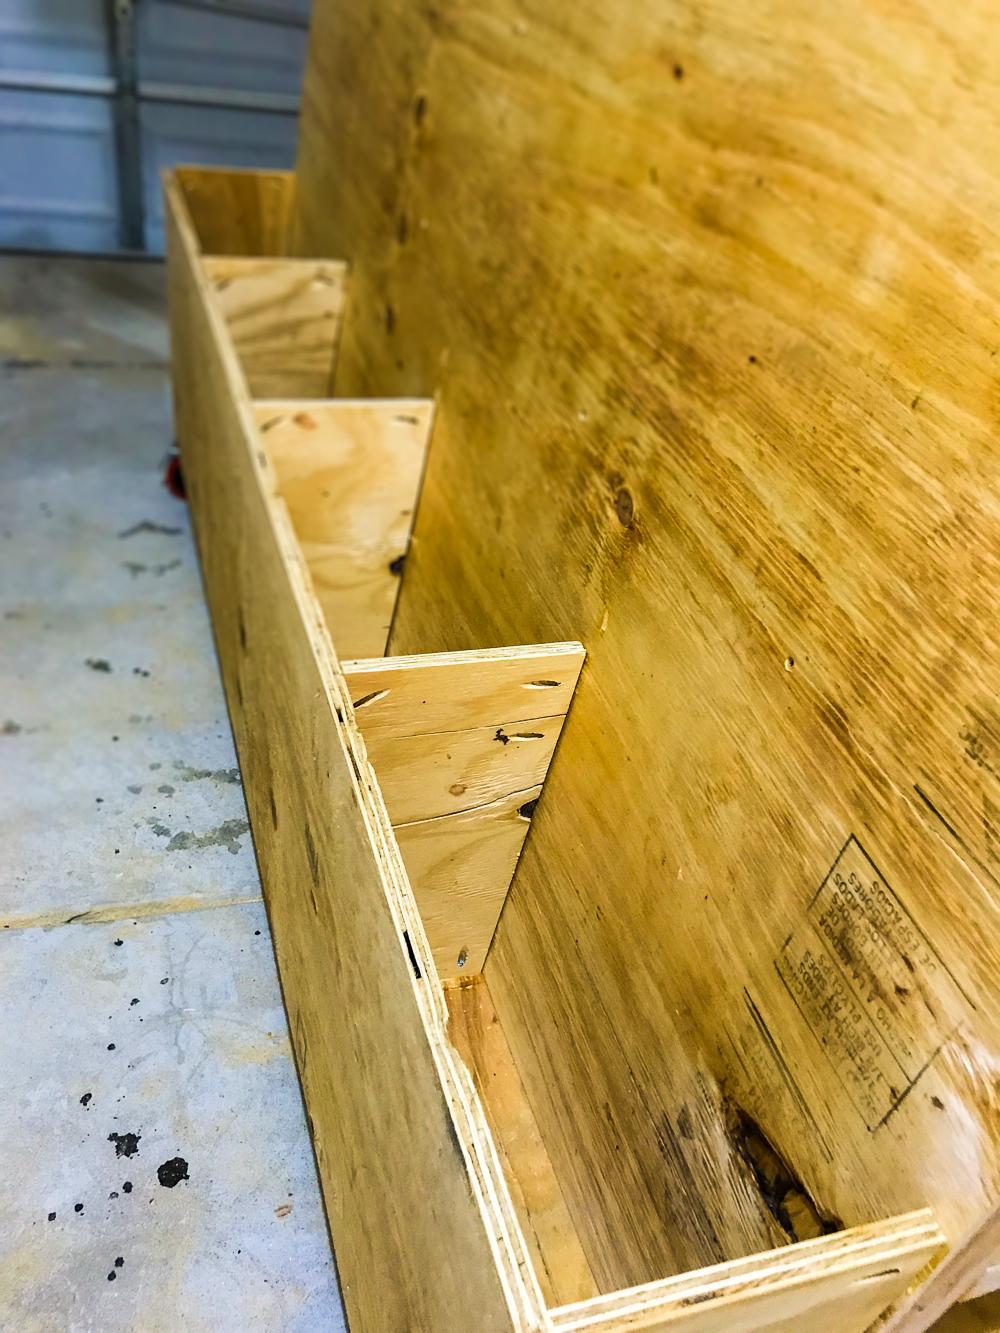 Lumber Cart - Bins Installed